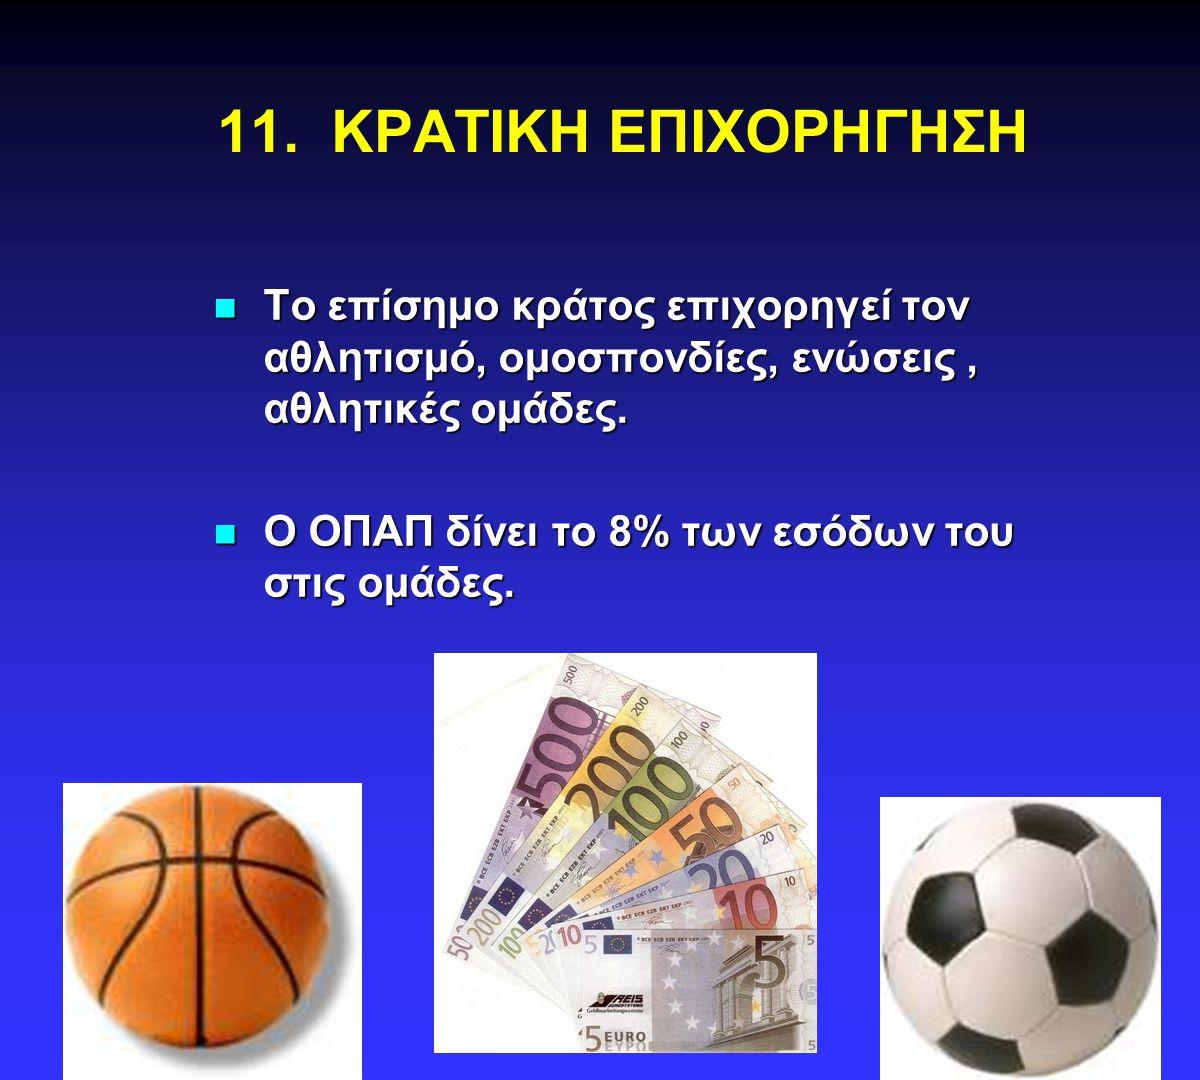 11. ΚΡΑΤΙΚΗ ΕΠΙΧΟΡΗΓΗΣΗ Το επίσημο κράτος επιχορηγεί τον αθλητισμό, ομοσπονδίες, ενώσεις , αθλητικές ομάδες.